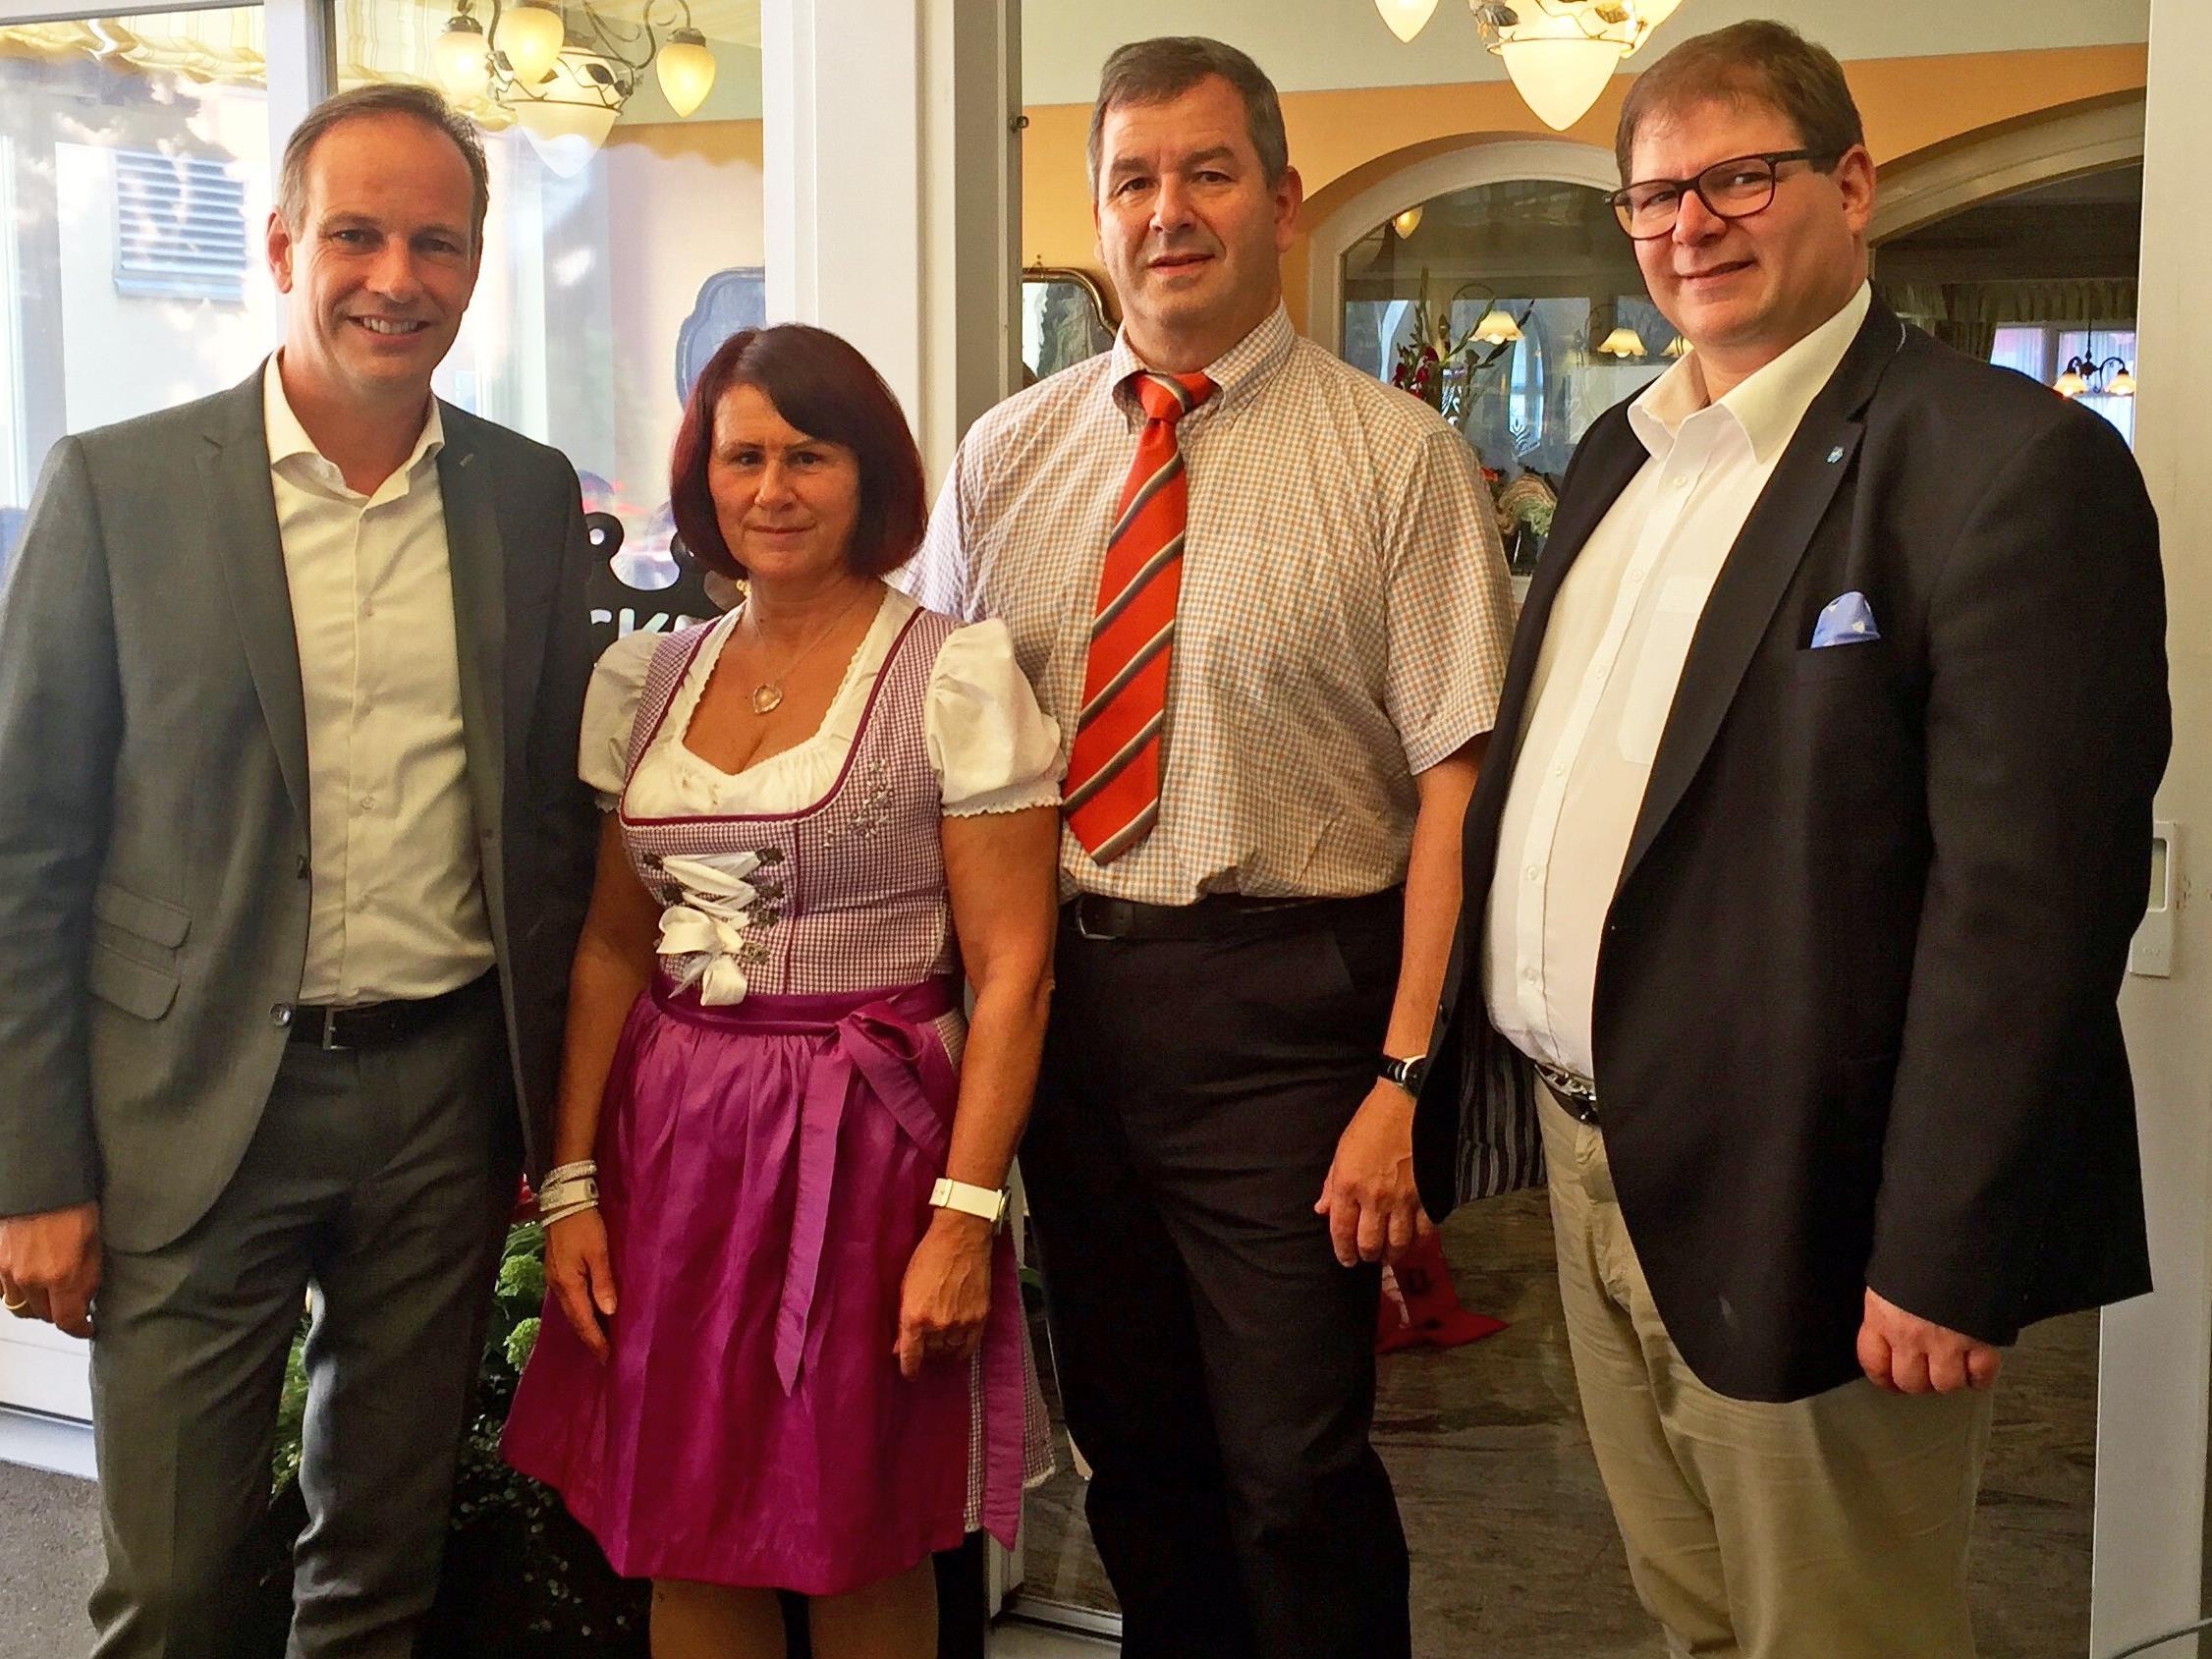 v. l. Bgm. Dieter Egger, Herta und Gert Obwegeser, StR. Arno Gächter